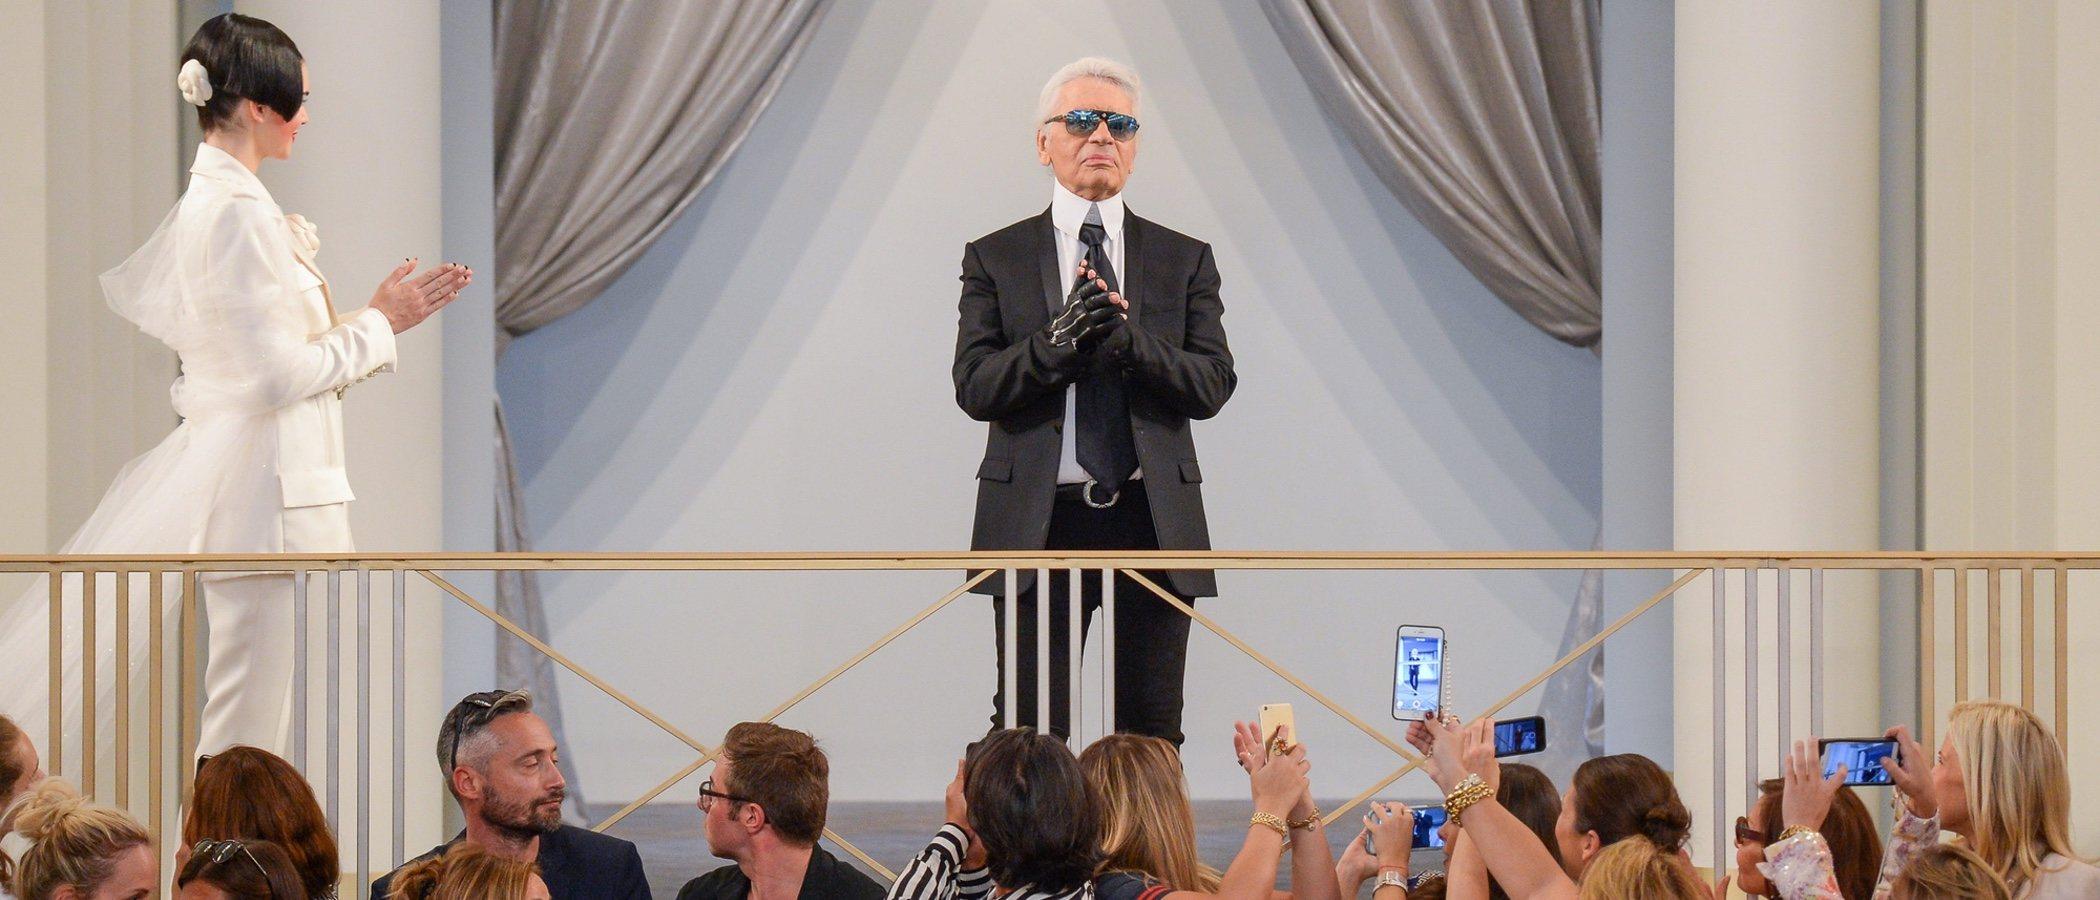 El último homenaje a Karl Lagerfeld, de la mano de Chanel, Fendi y KL en el Grand Palais de París